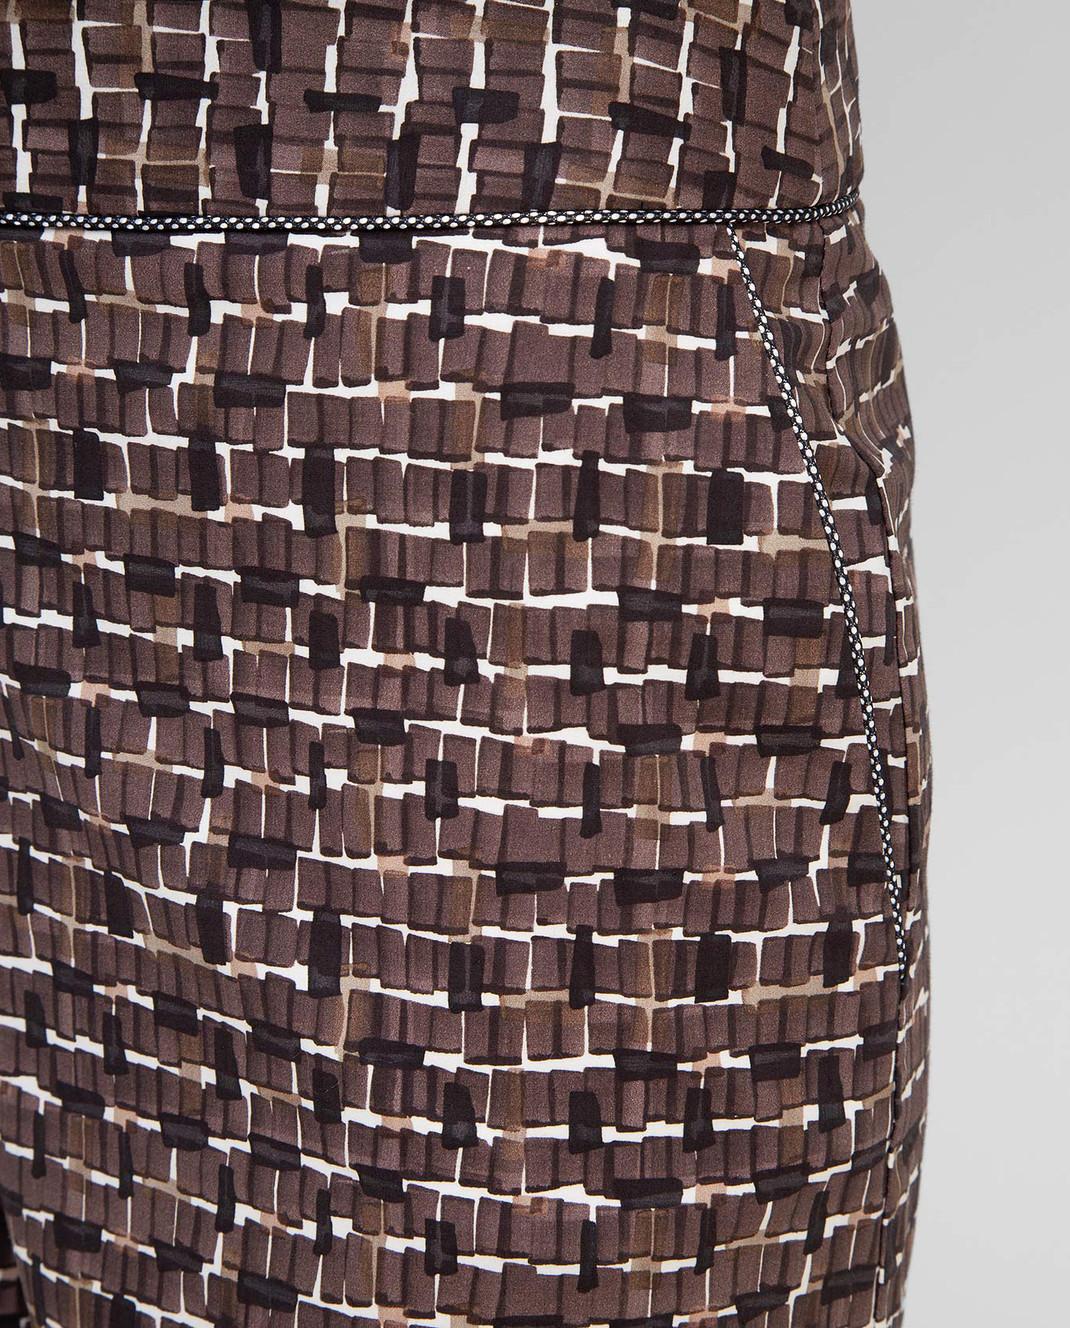 Bottega Veneta Коричневые шорты 448812 изображение 5